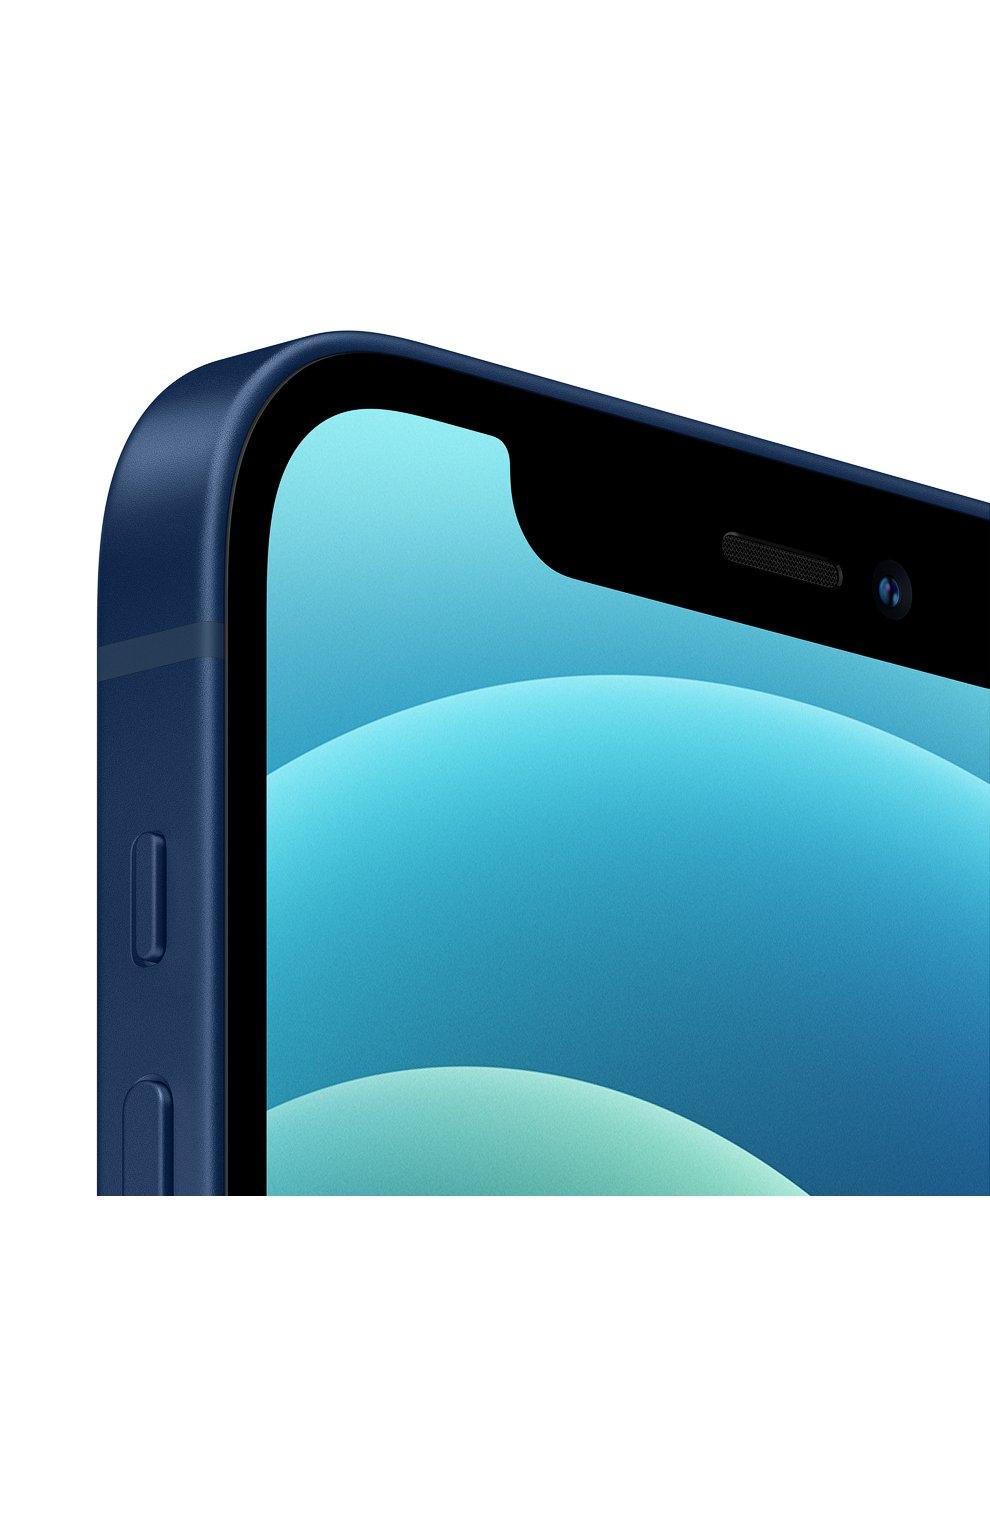 Мужские iphone 12 128gb blue APPLE  blue цвета, арт. MGJE3RU/A | Фото 2